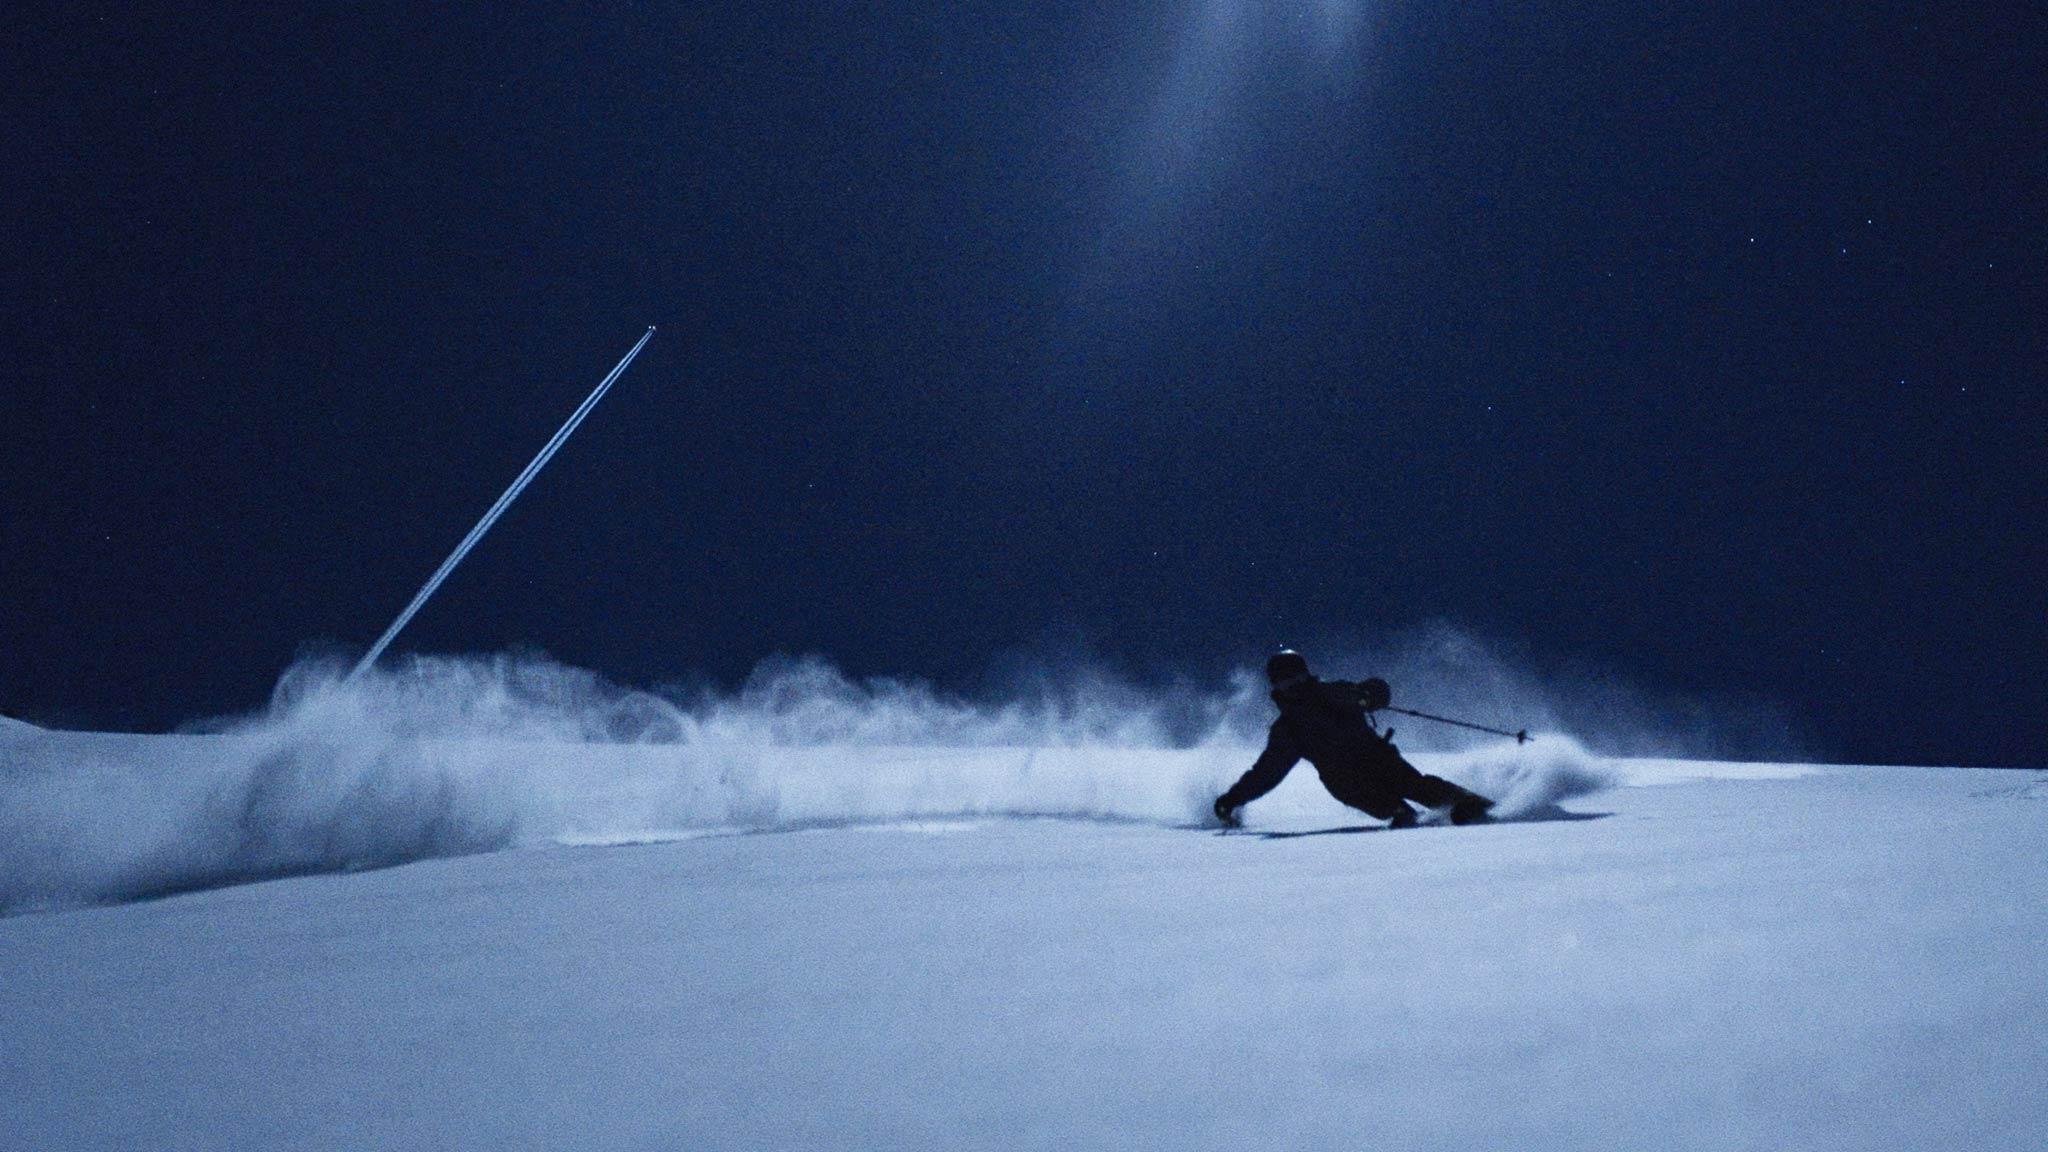 """Auf """"Eis & Palmen"""" folgt """"Full Moon"""". Max Kroneck und Jochen Mesle ziehen ihre Lines unter dem Licht des Vollmondes in den Schnee."""